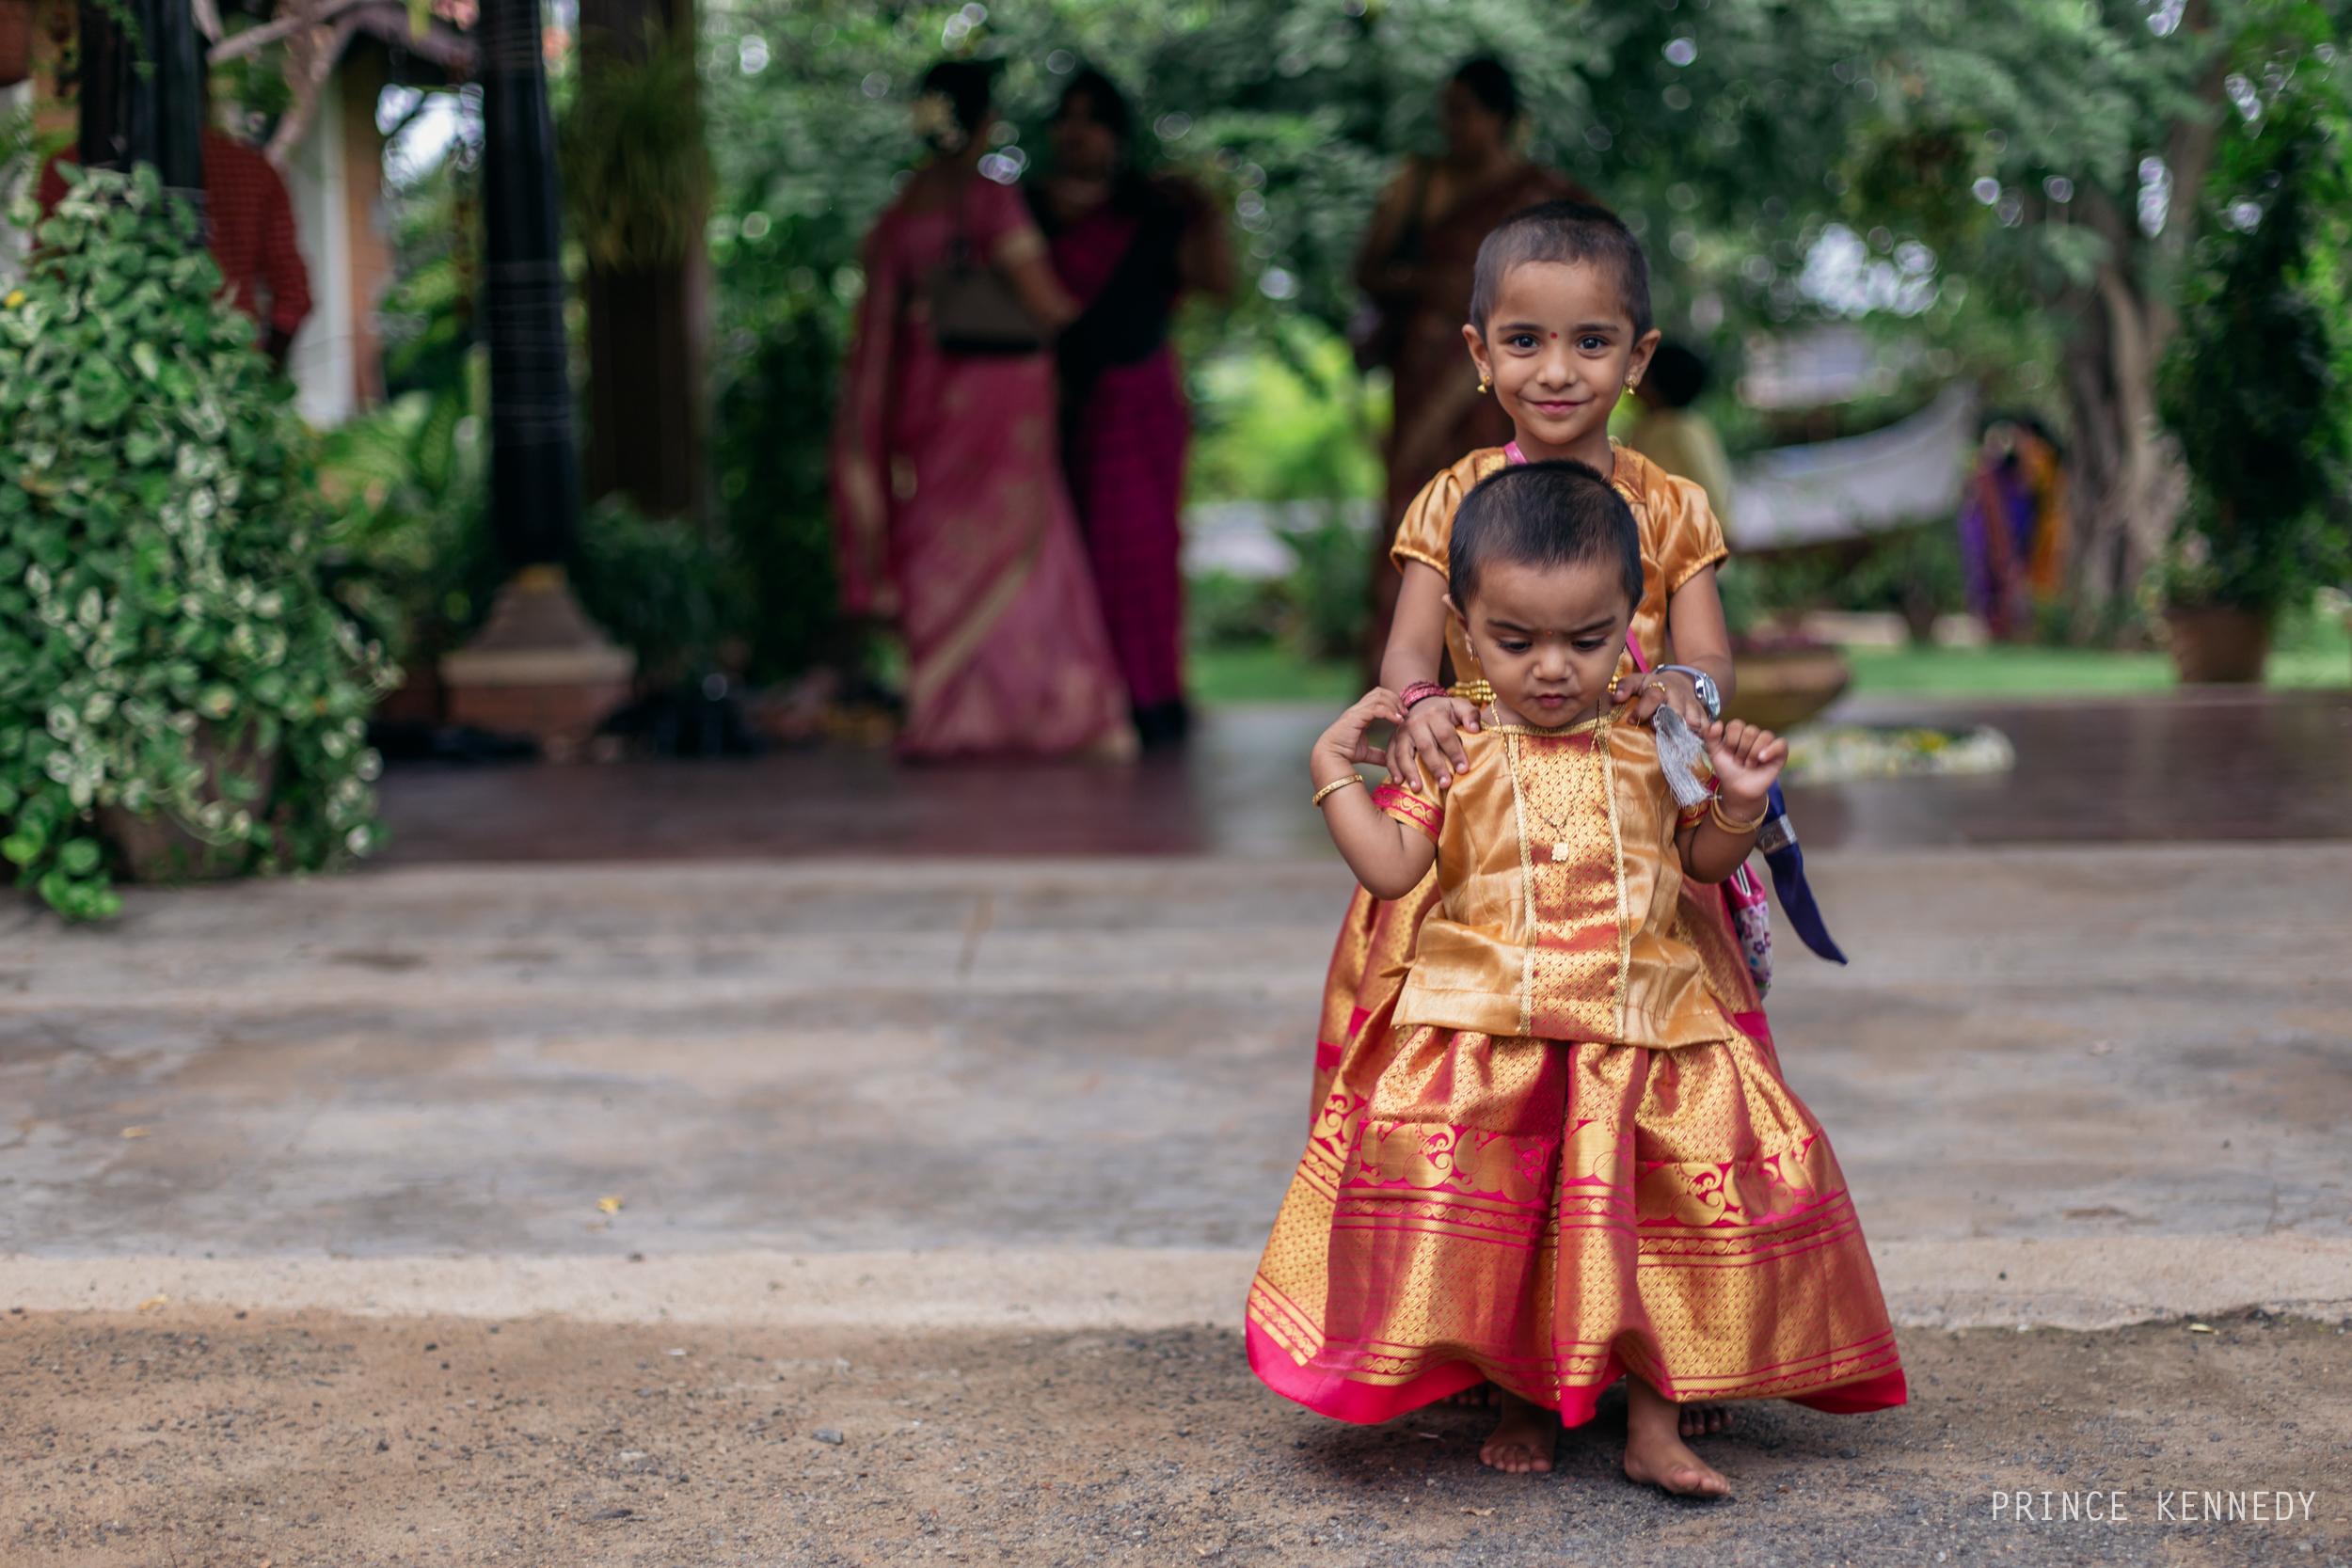 Engagement-Couple-Portrait-Portraiture-Wedding-Couple-Portrait-Chennai-Photographer-Candid-Photography-Destination-Best-Prince-Kennedy-Photography-124.jpg